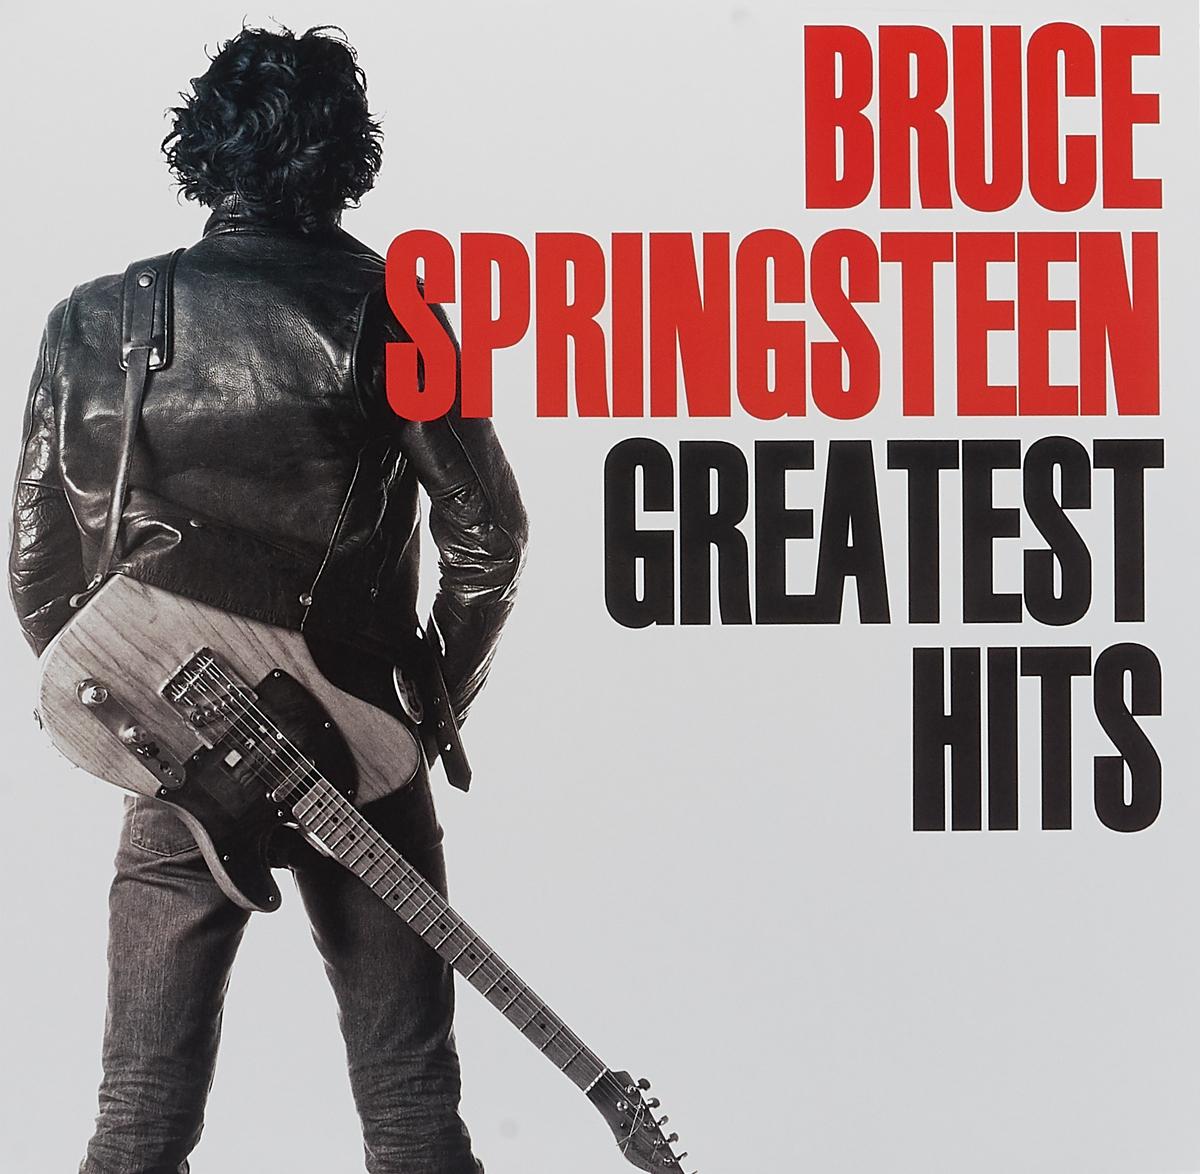 Брюс Спрингстин Bruce Springsteen. Greatest Hits (2 LP) брюс спрингстин bruce springsteen born in the u s a lp